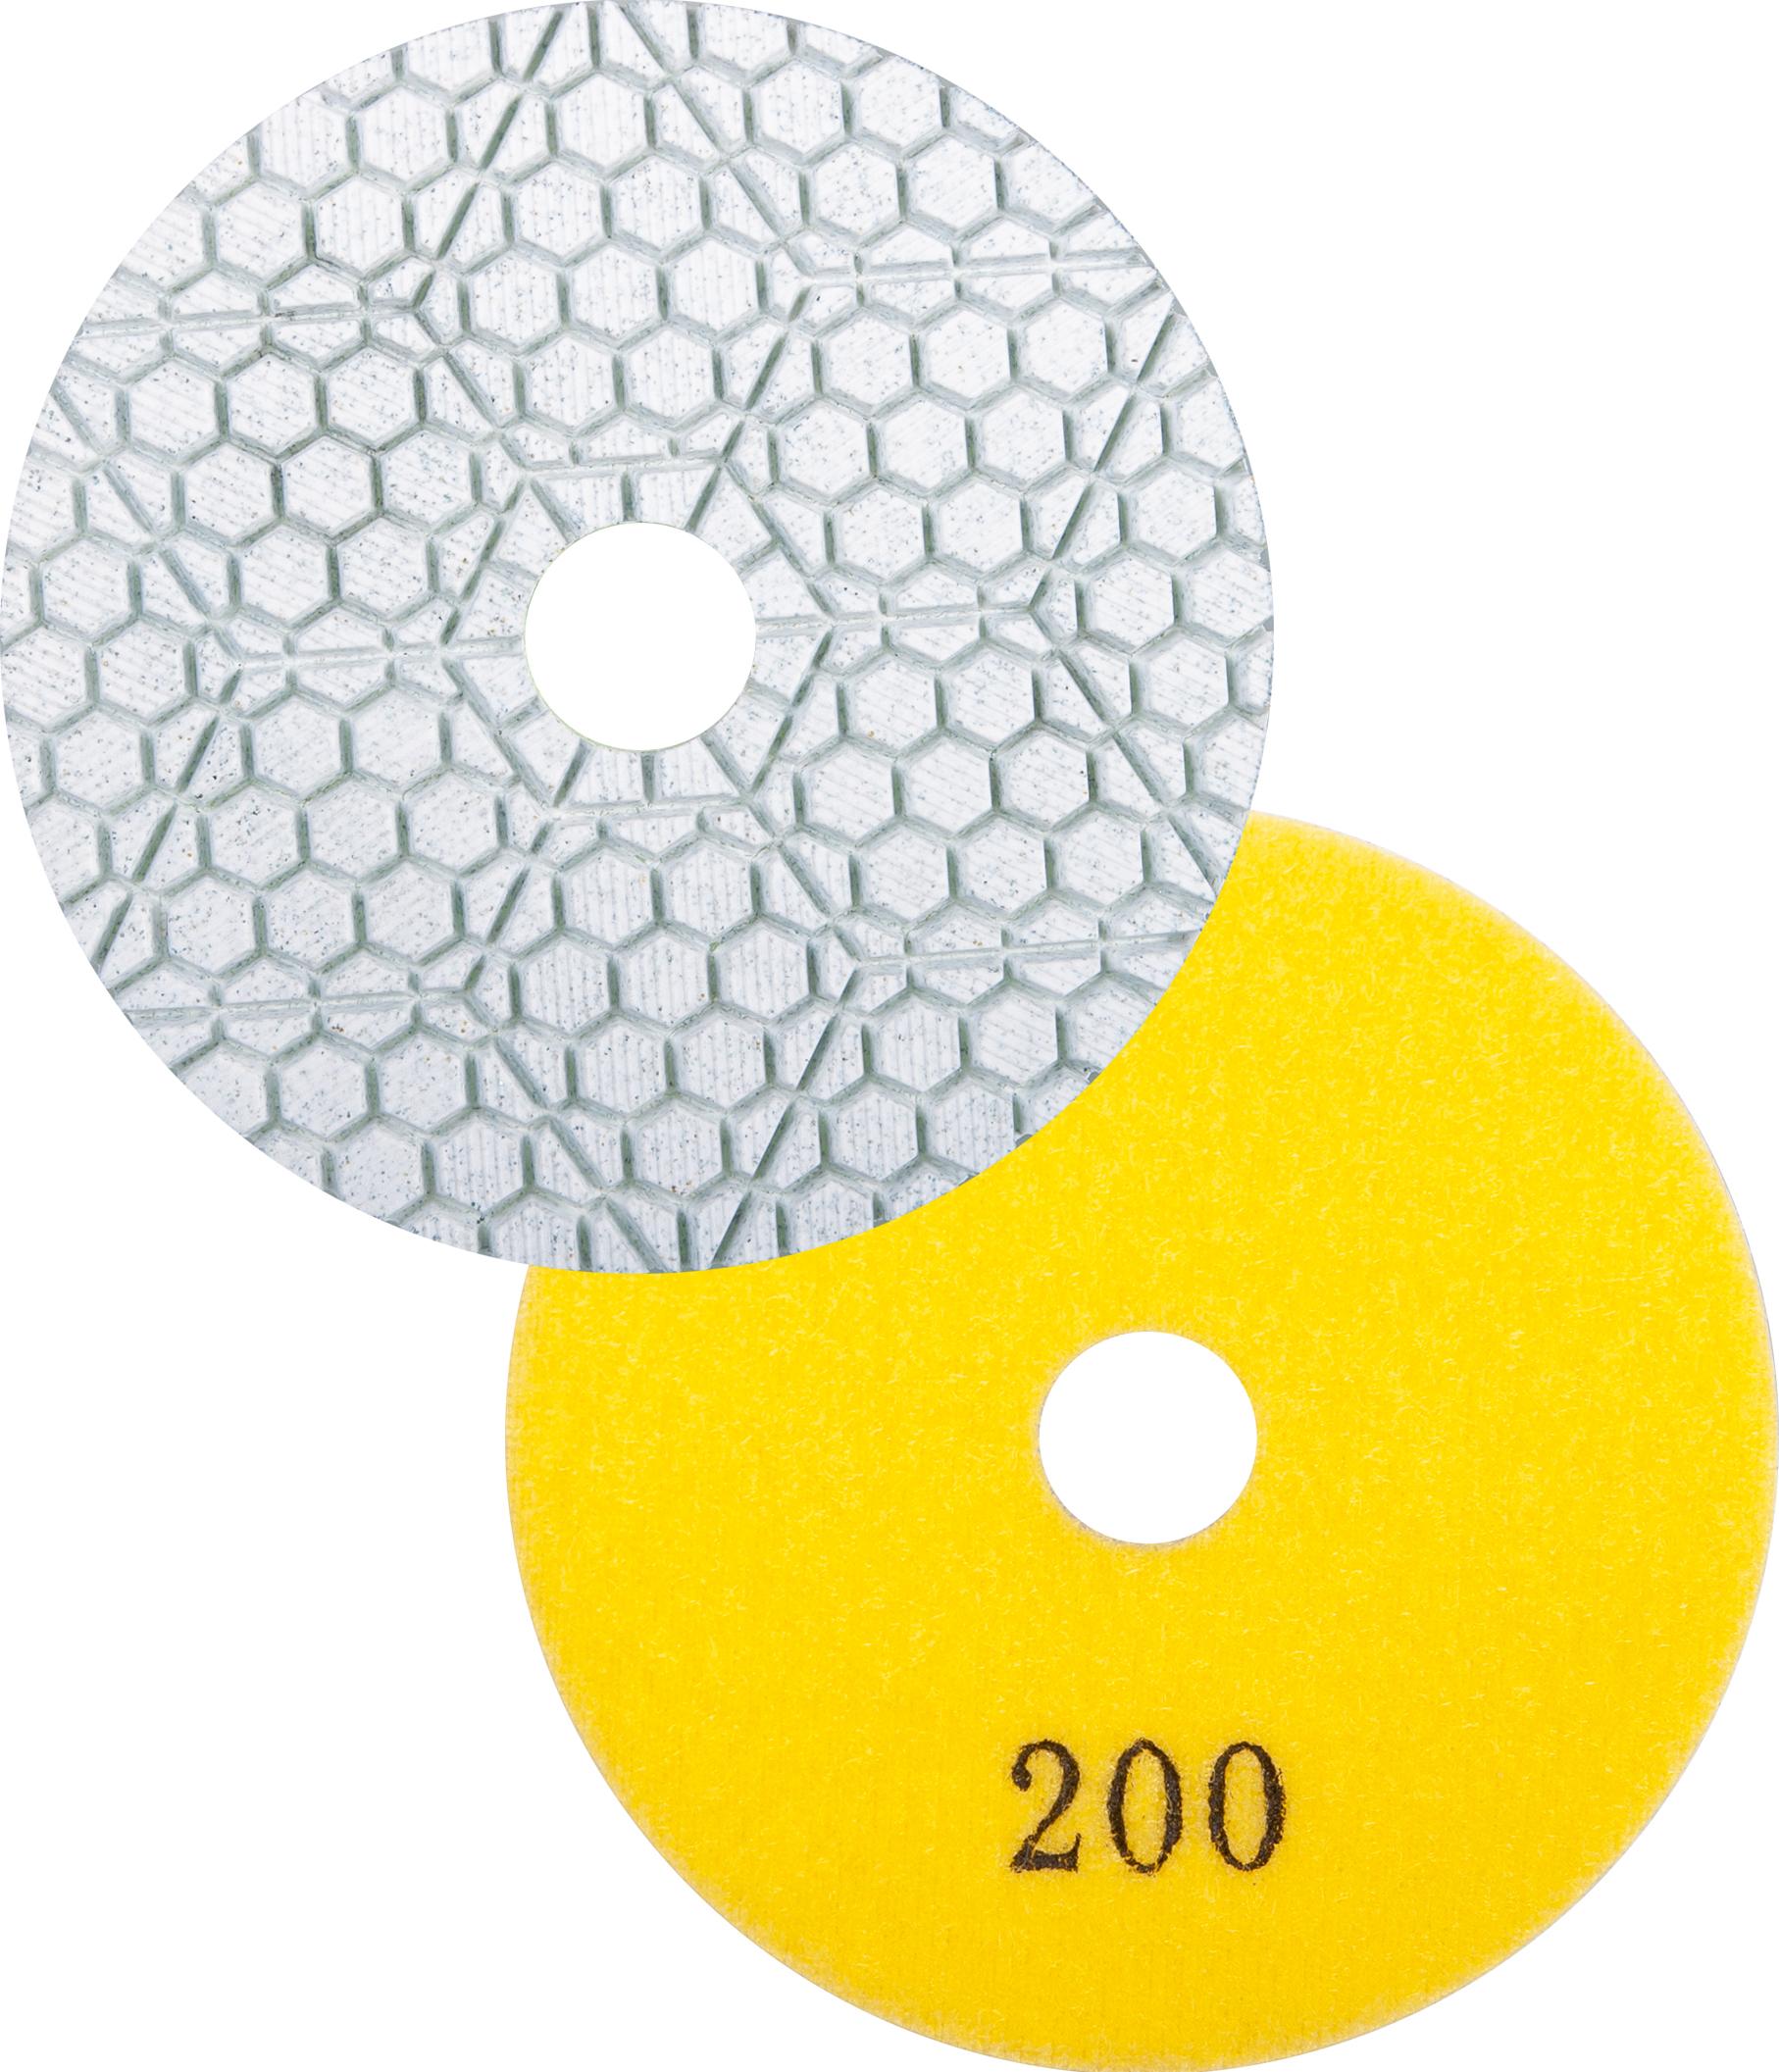 DIAREX Schleifbelag ADR 7-Step ø 100 mm   Korn 200